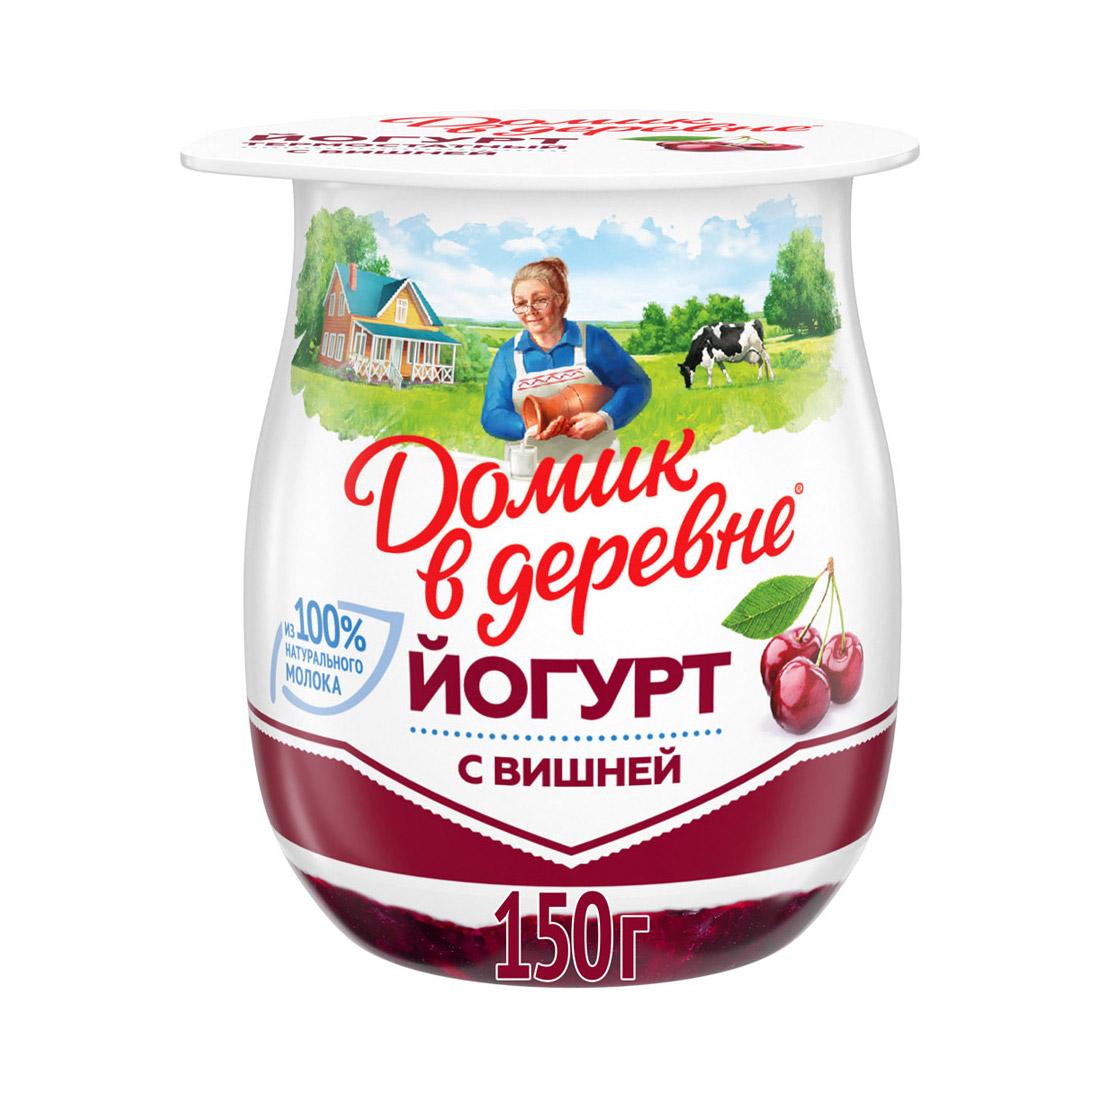 Йогурт термостатный Домик в деревне с вишней 3% 150 г йогурт термостатный 3 3